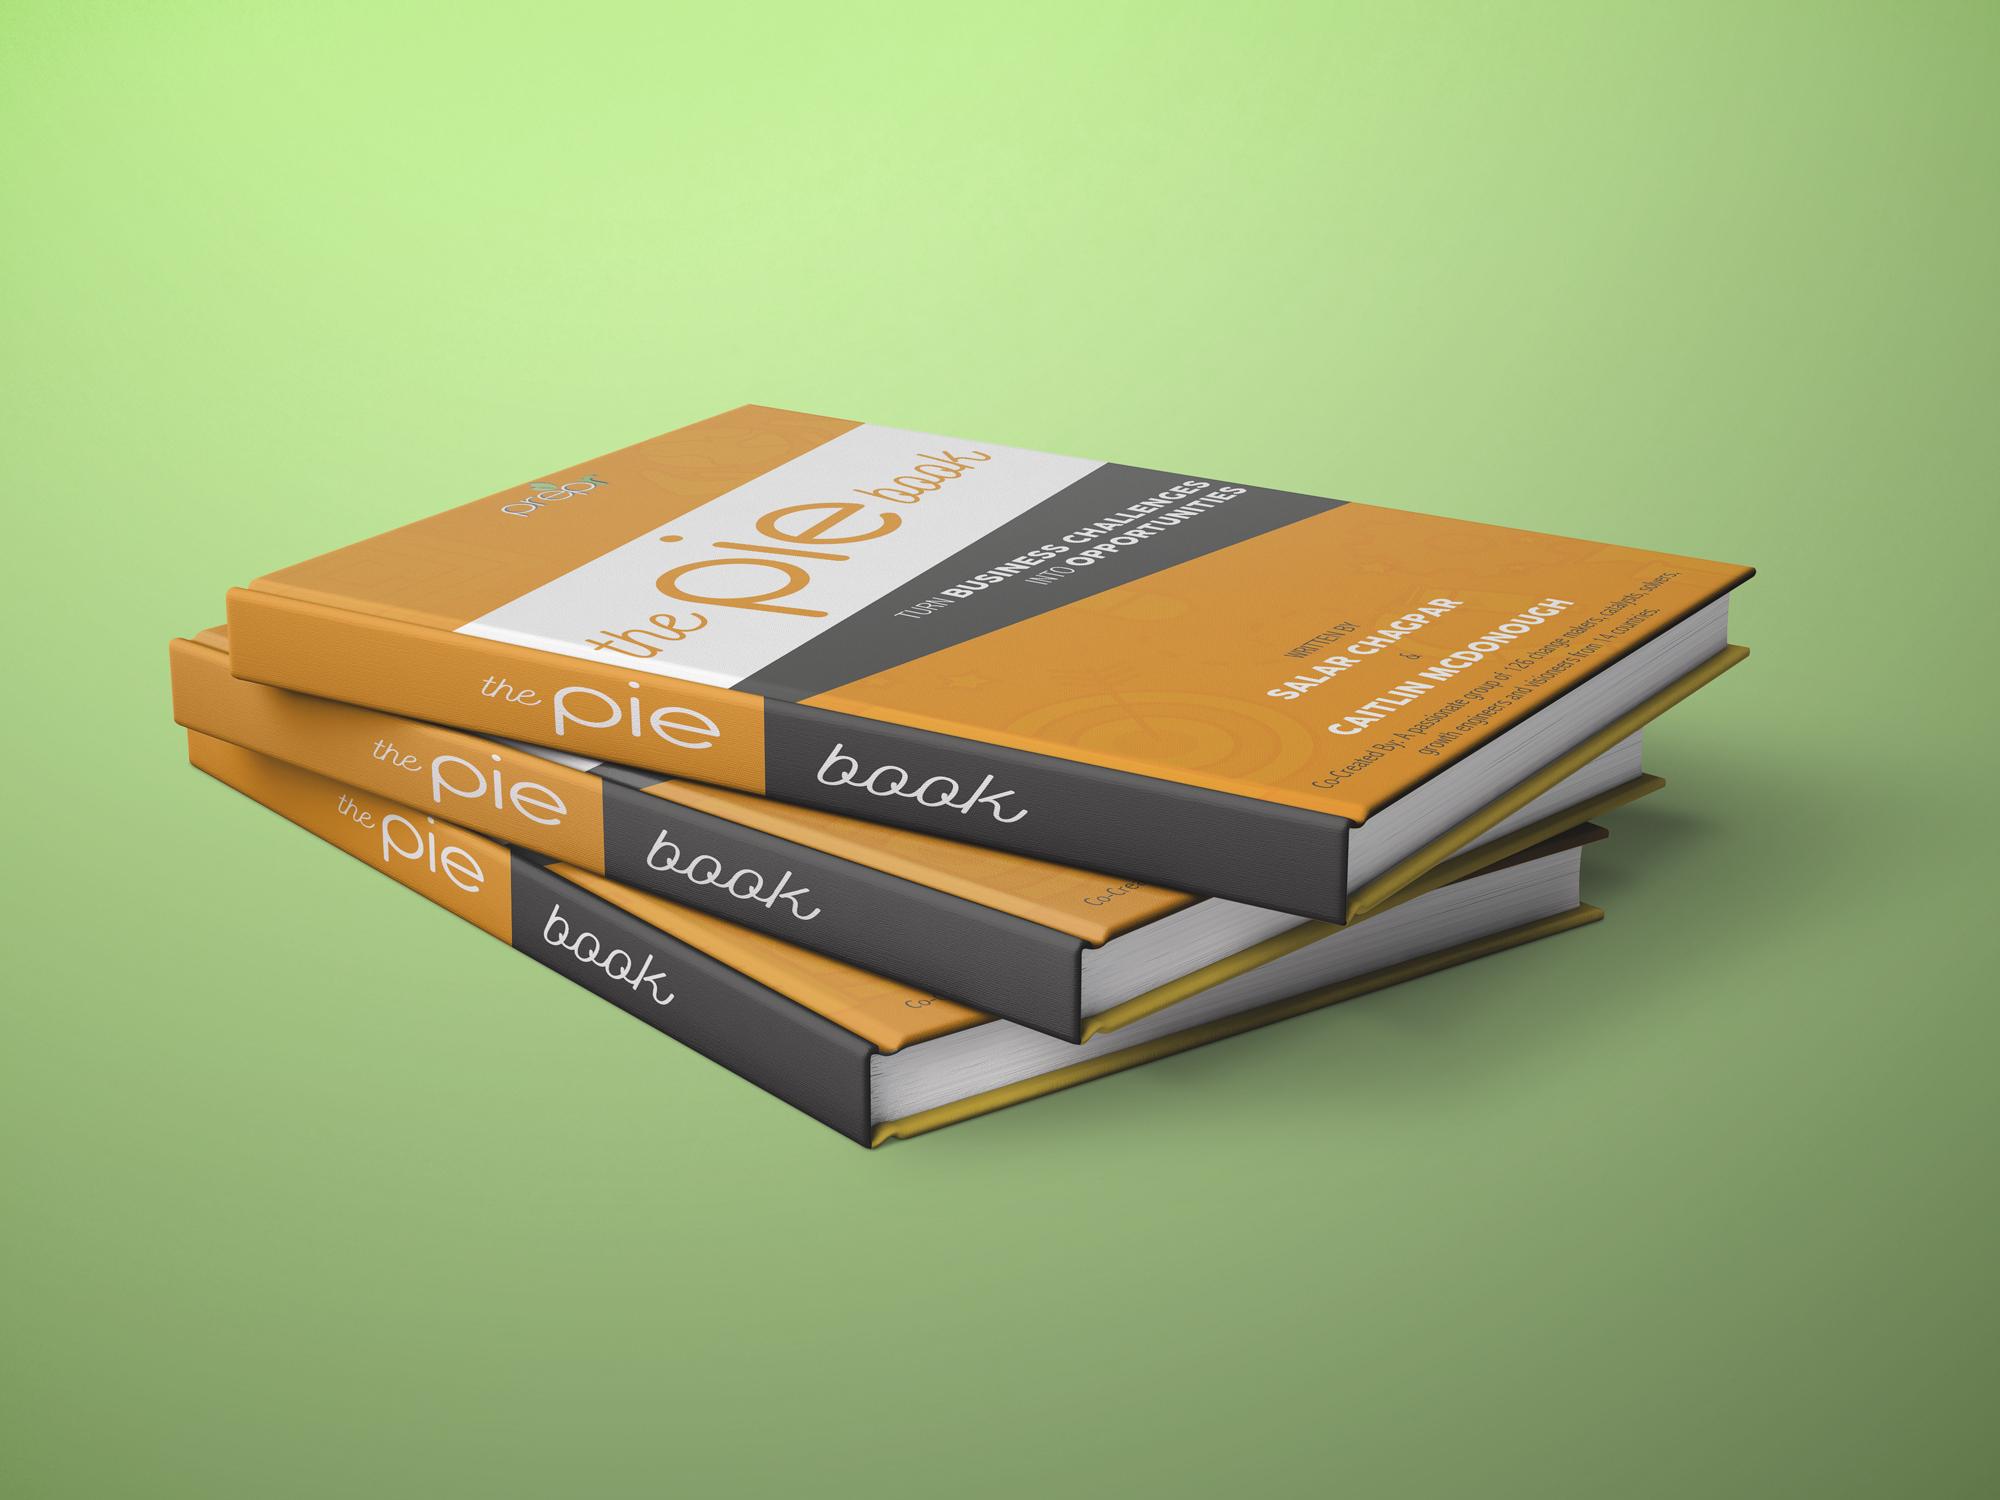 PIE® Book by Prepr